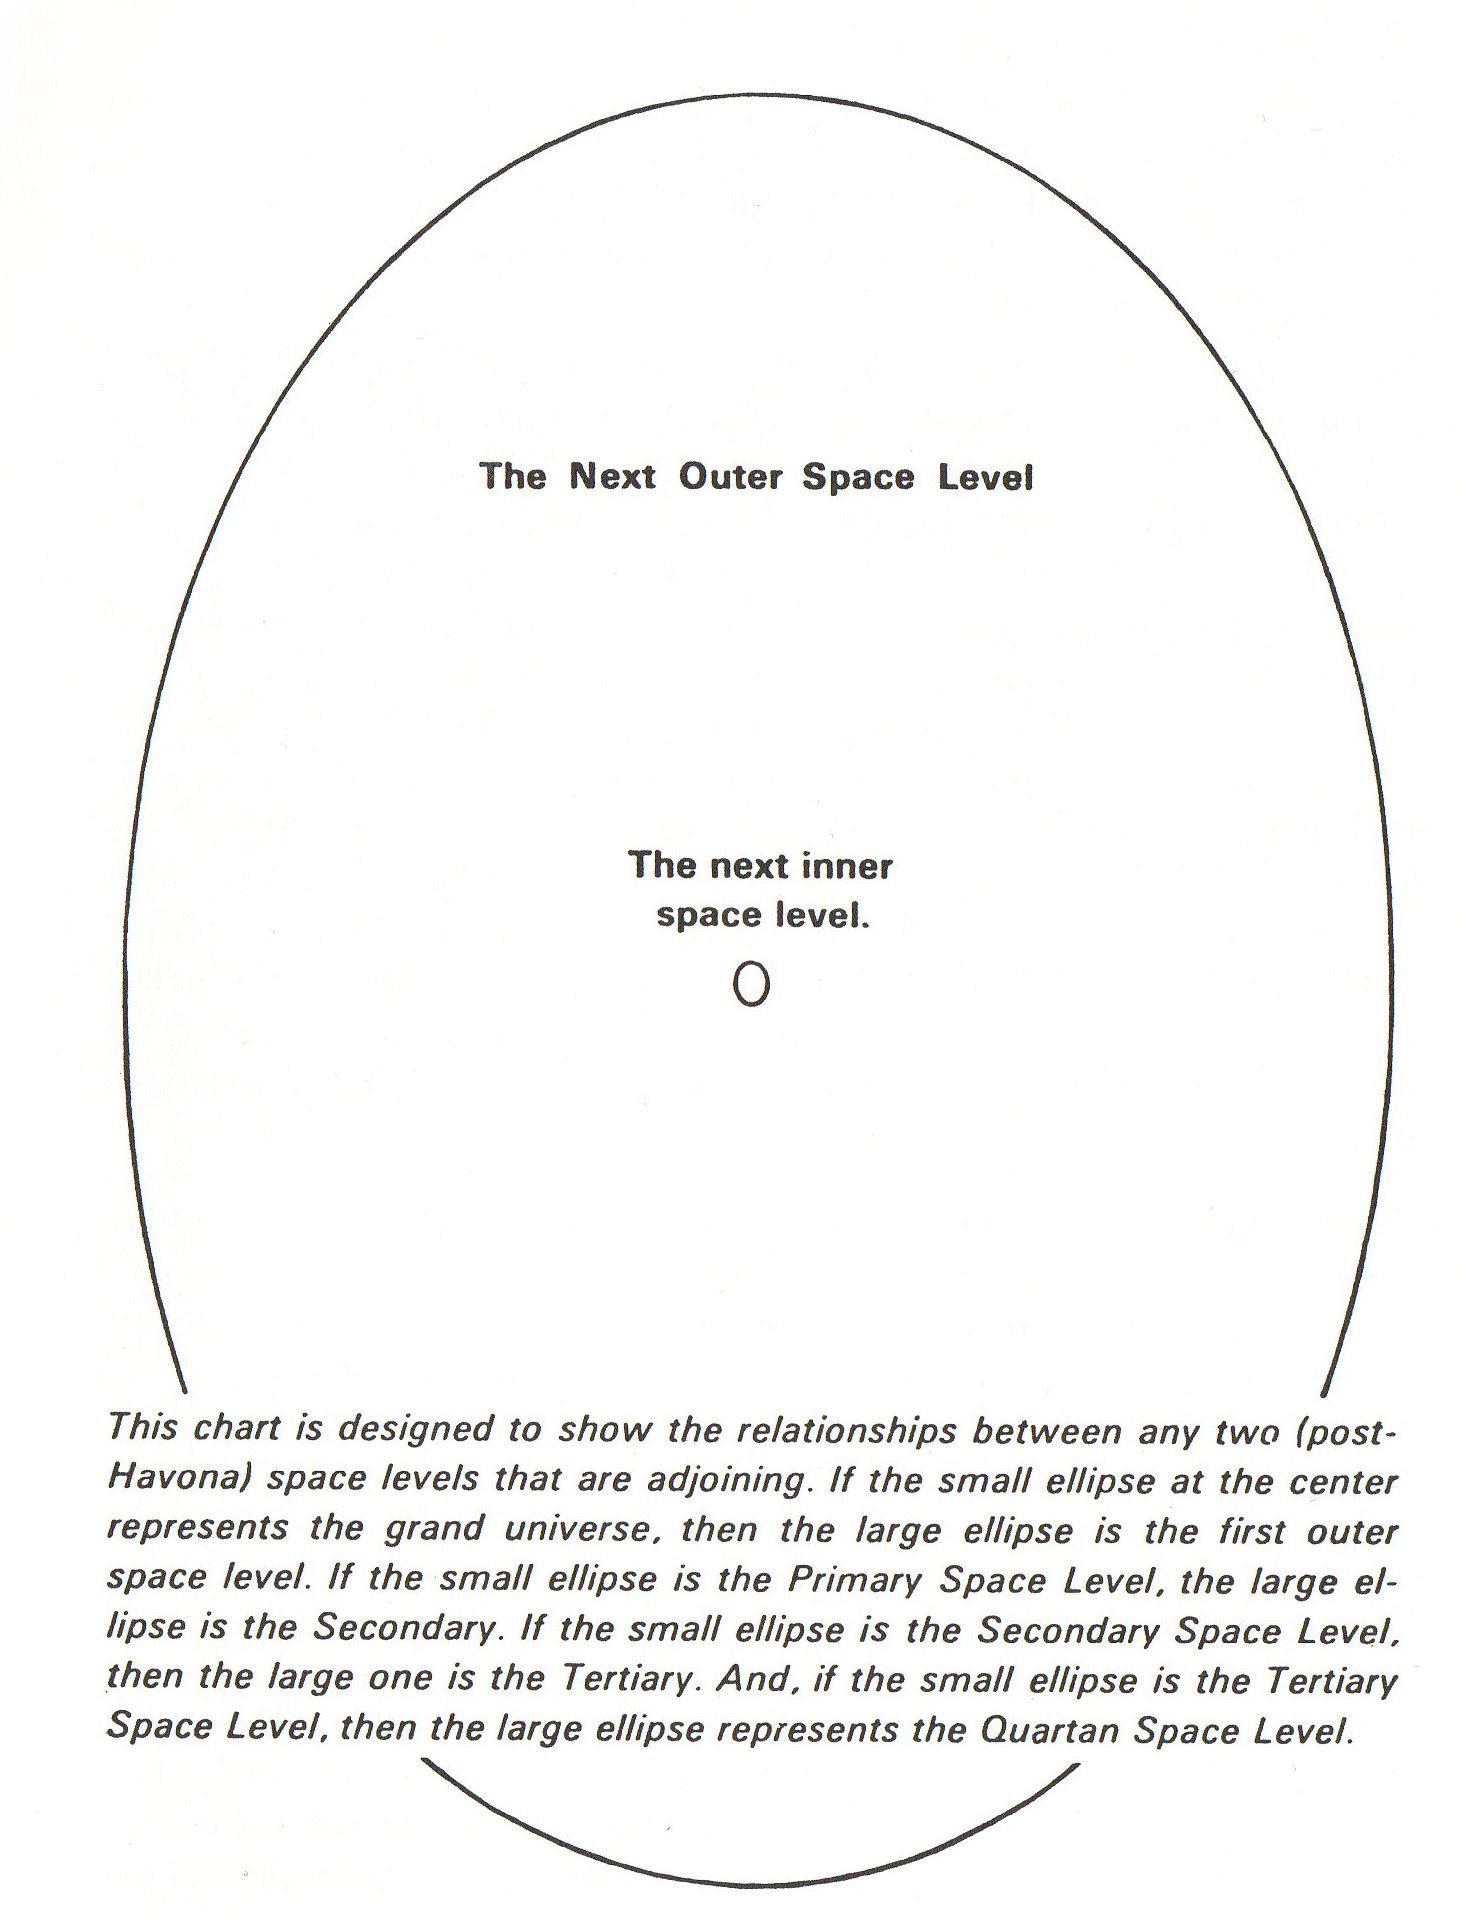 Relationships of adjacent space levels